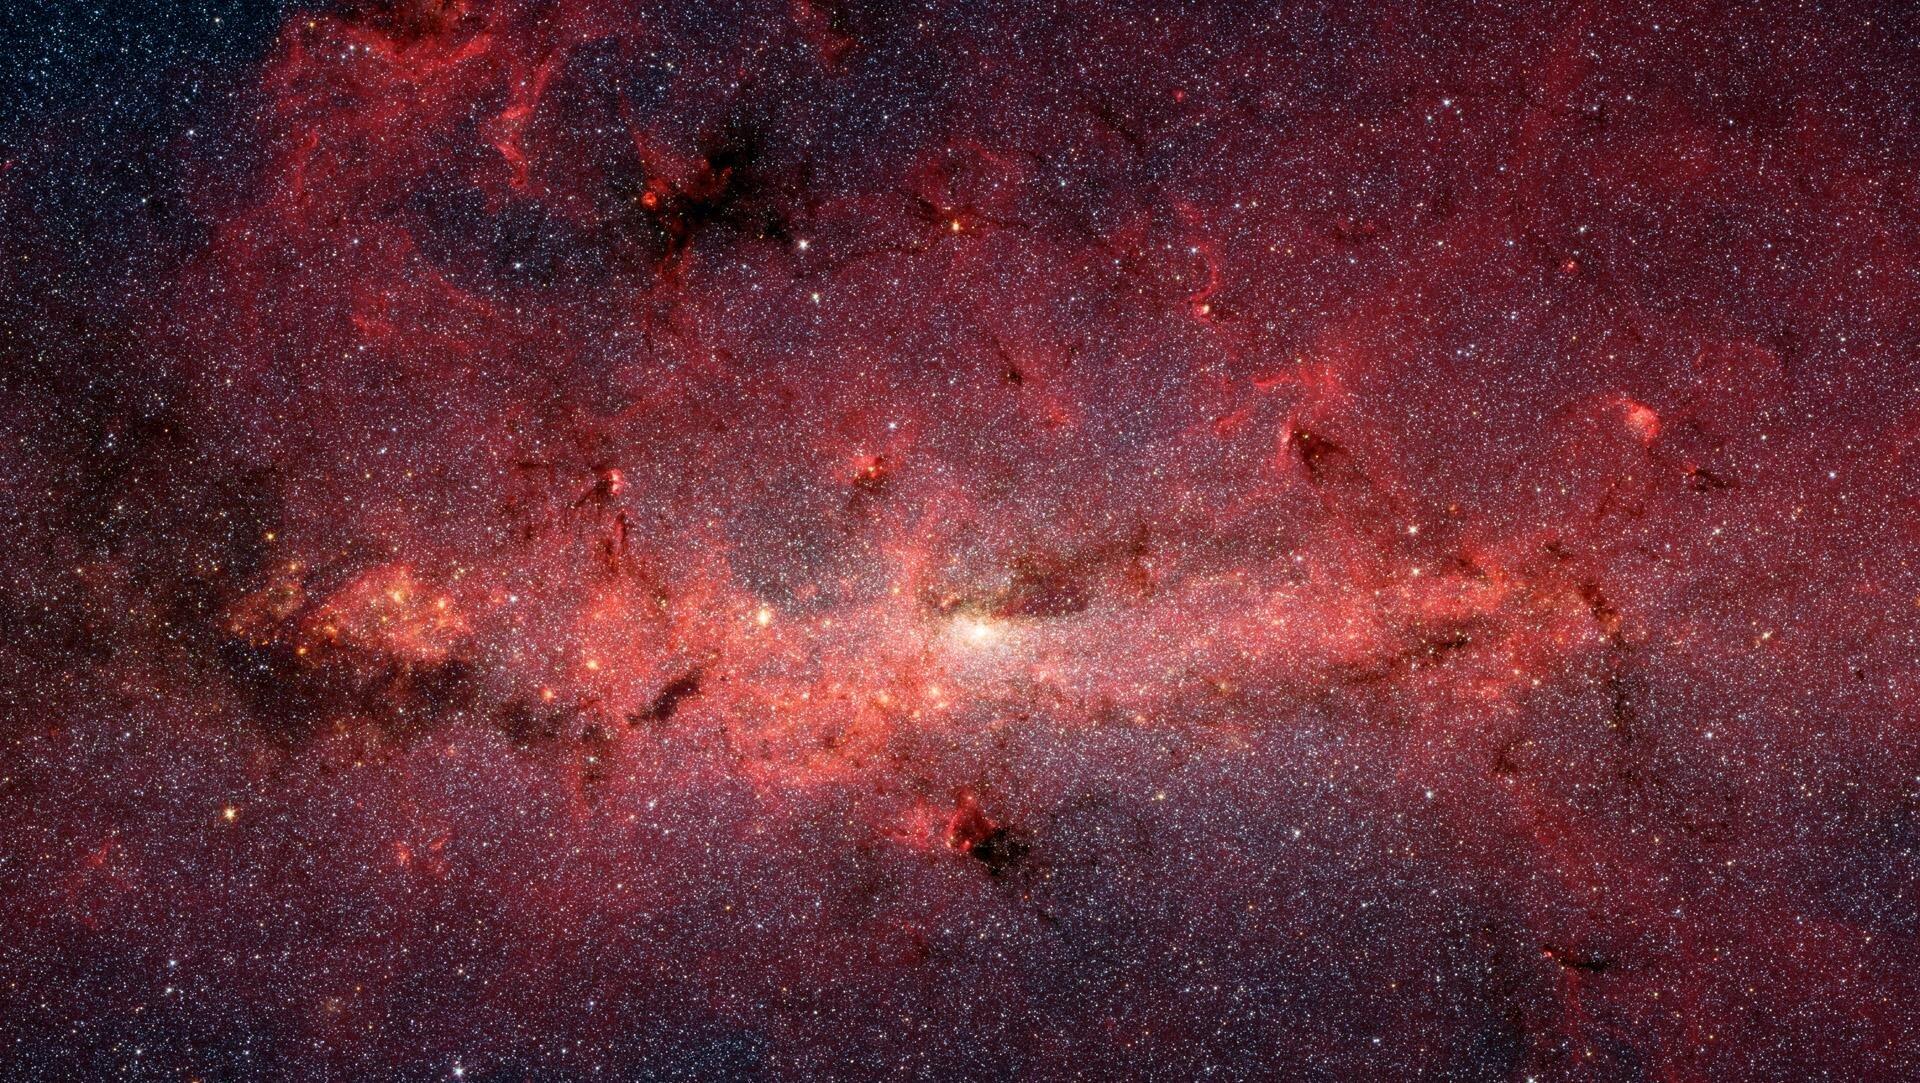 Zdjęcie przedstawia centralne obszary Galaktyki sfotografowane wpodczerwieni.